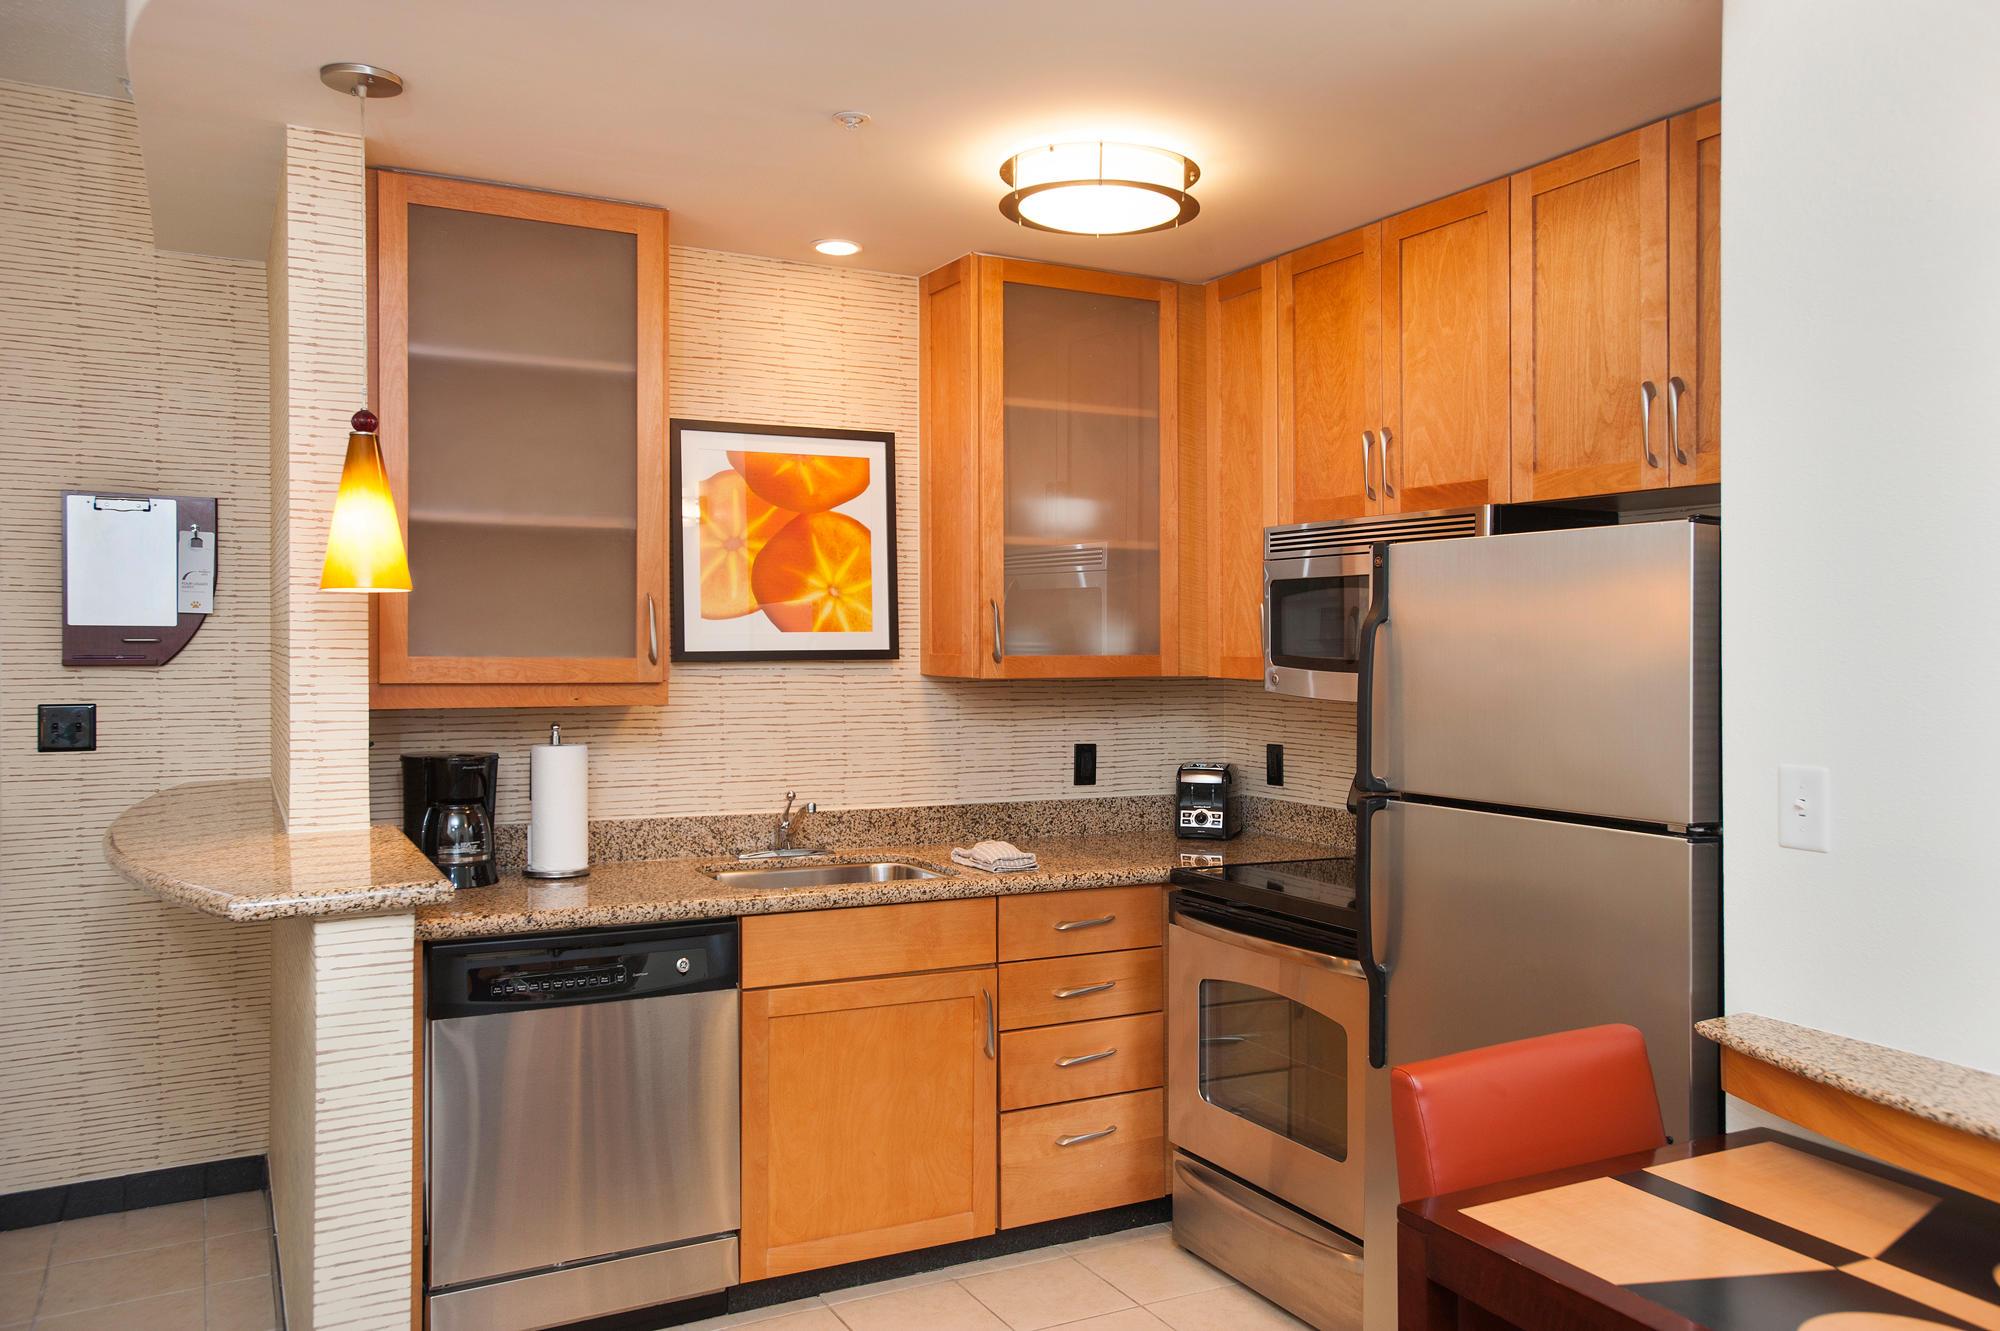 Residence Inn by Marriott Birmingham Hoover